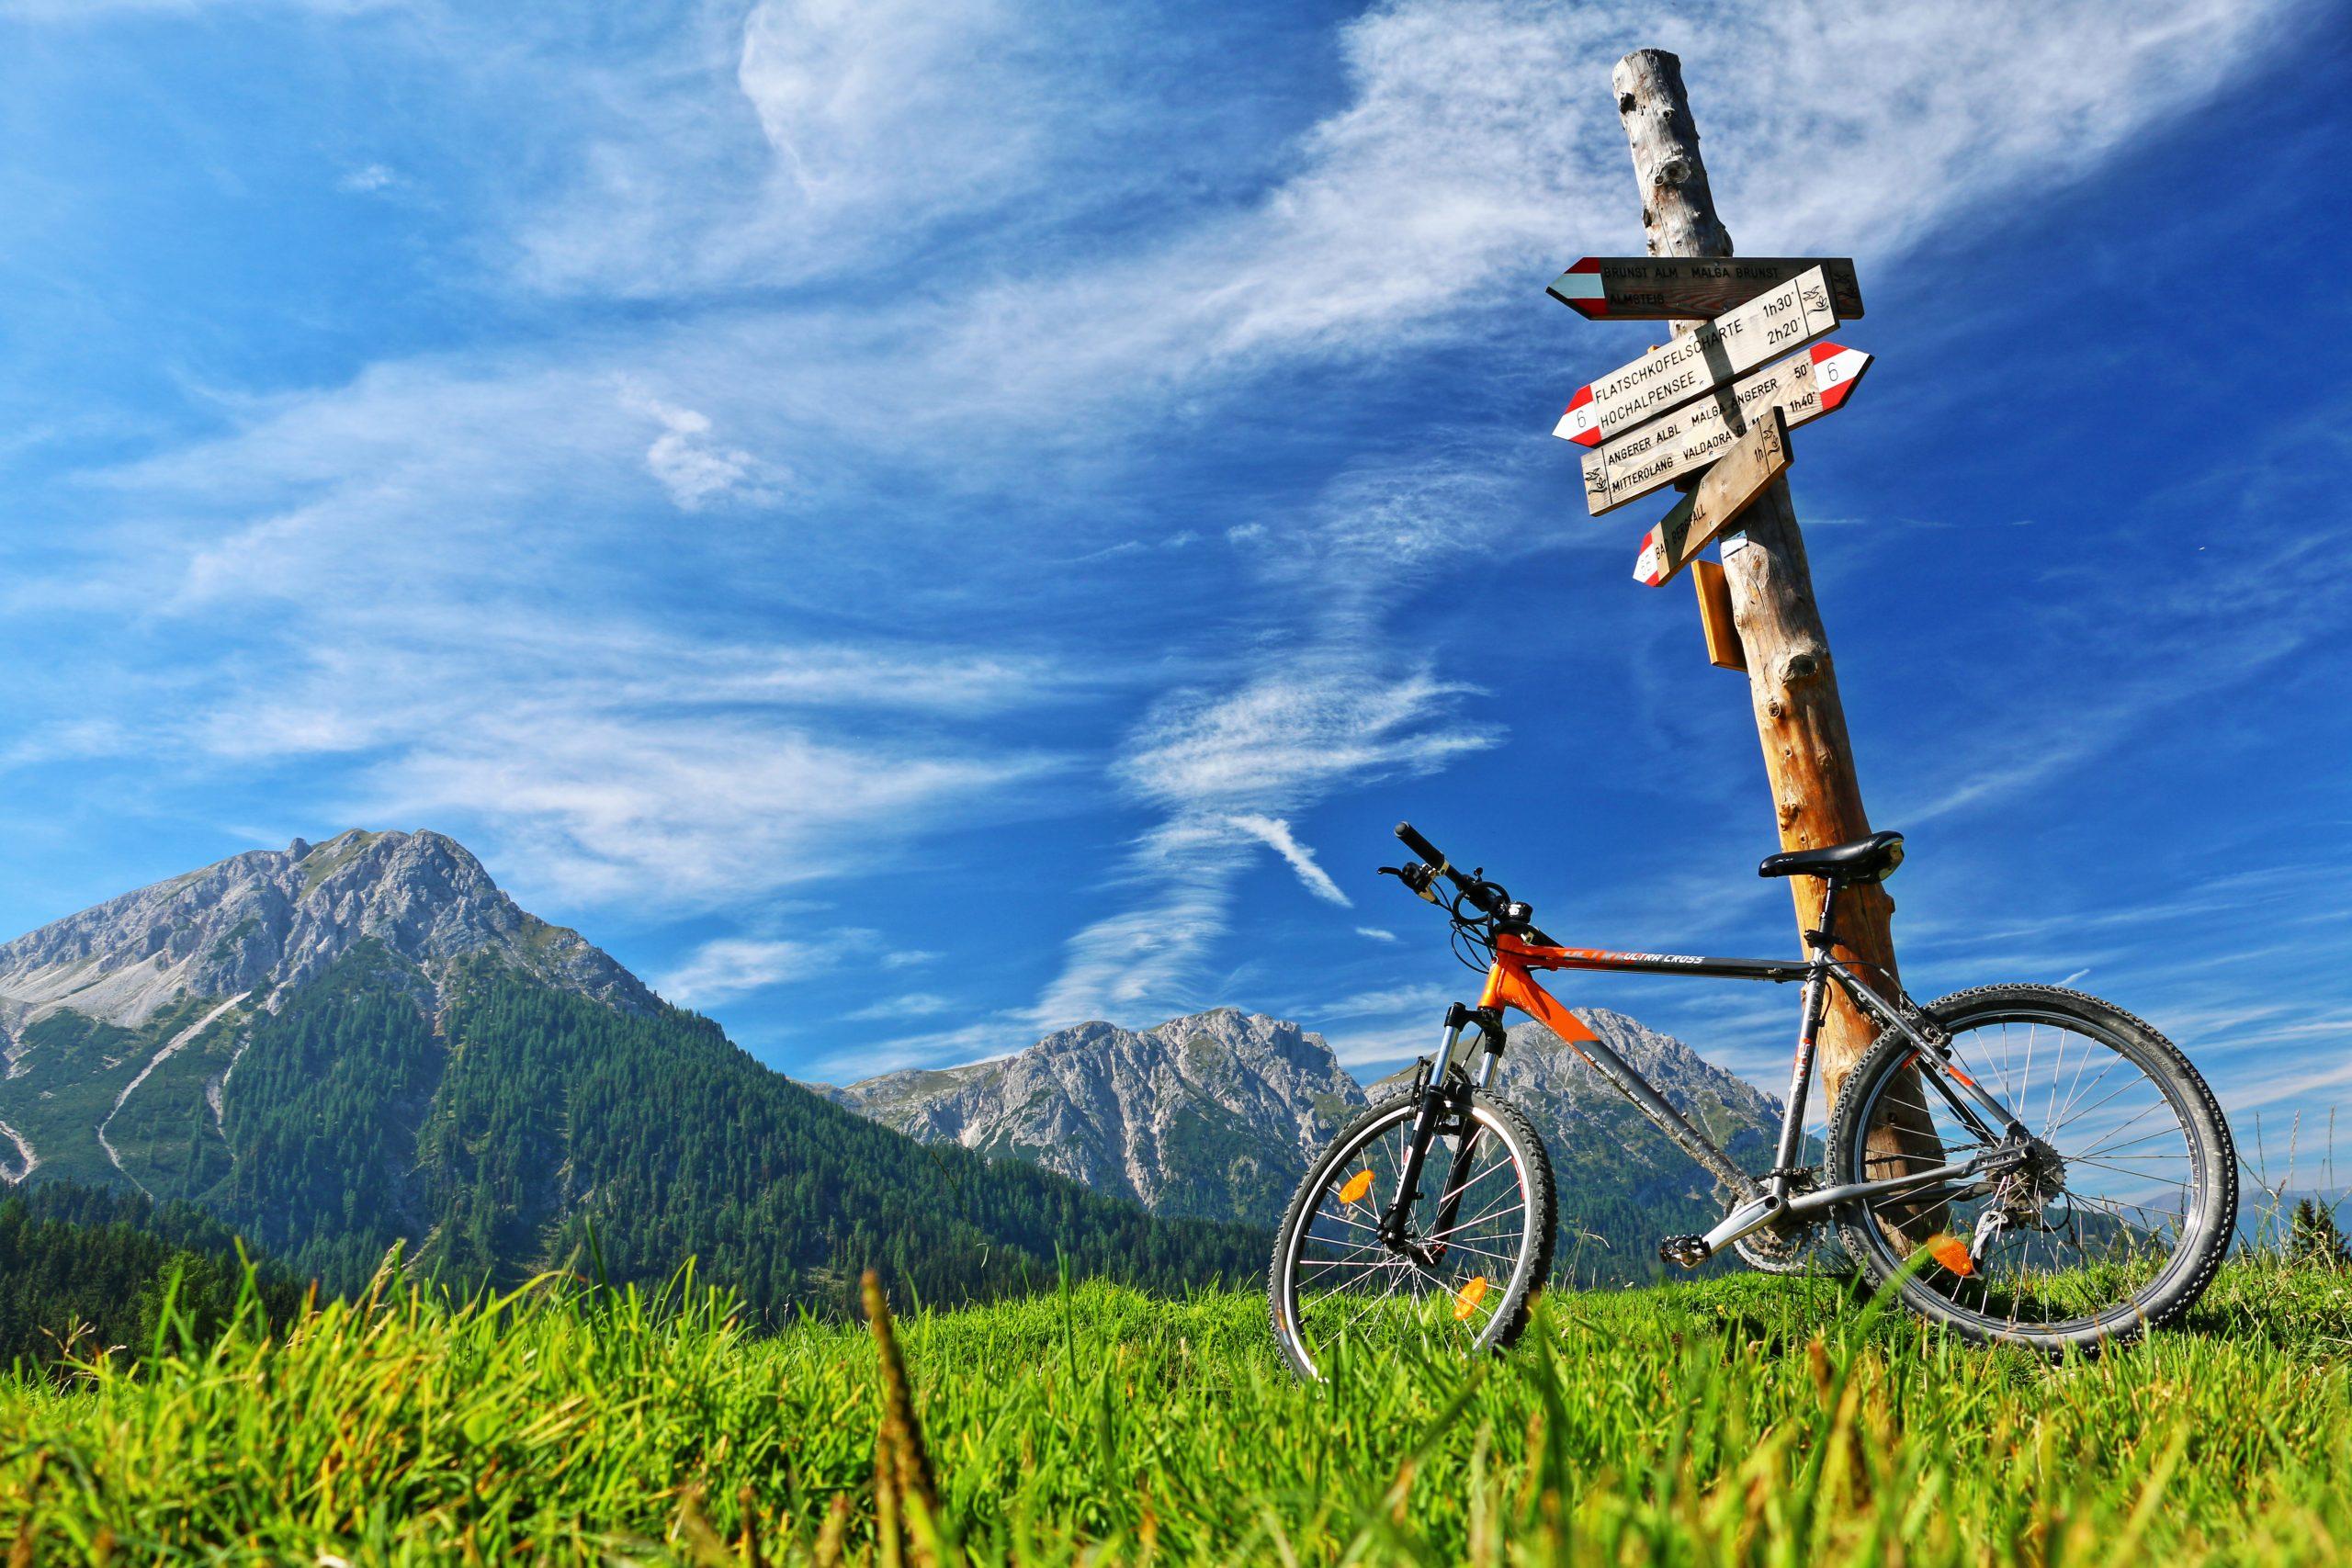 con la bicicletta in montagna